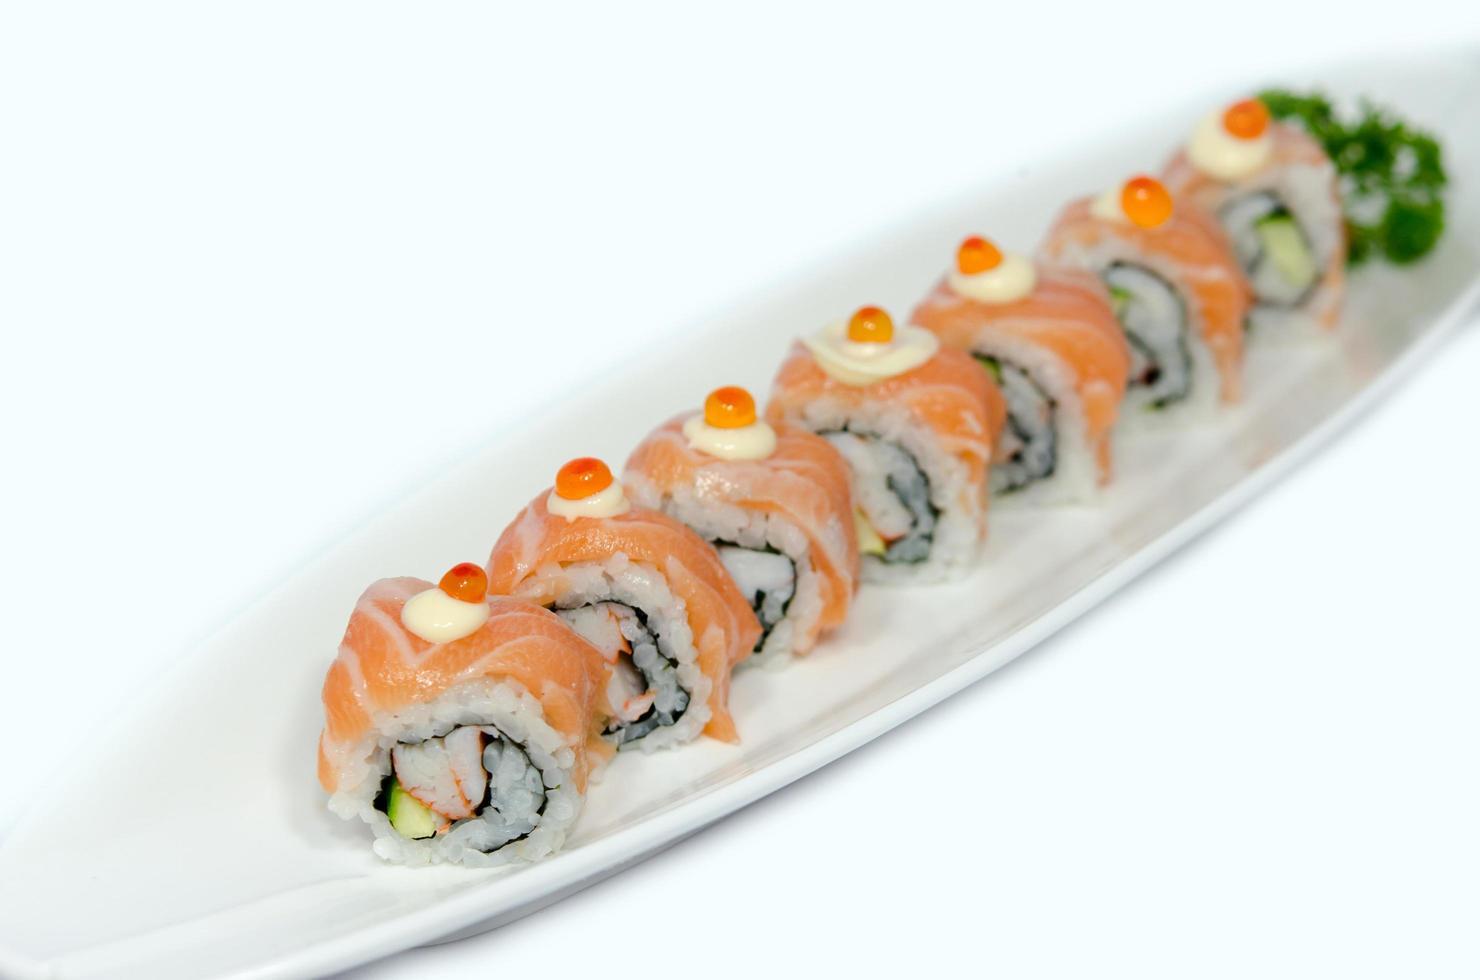 assiette de sushi photo